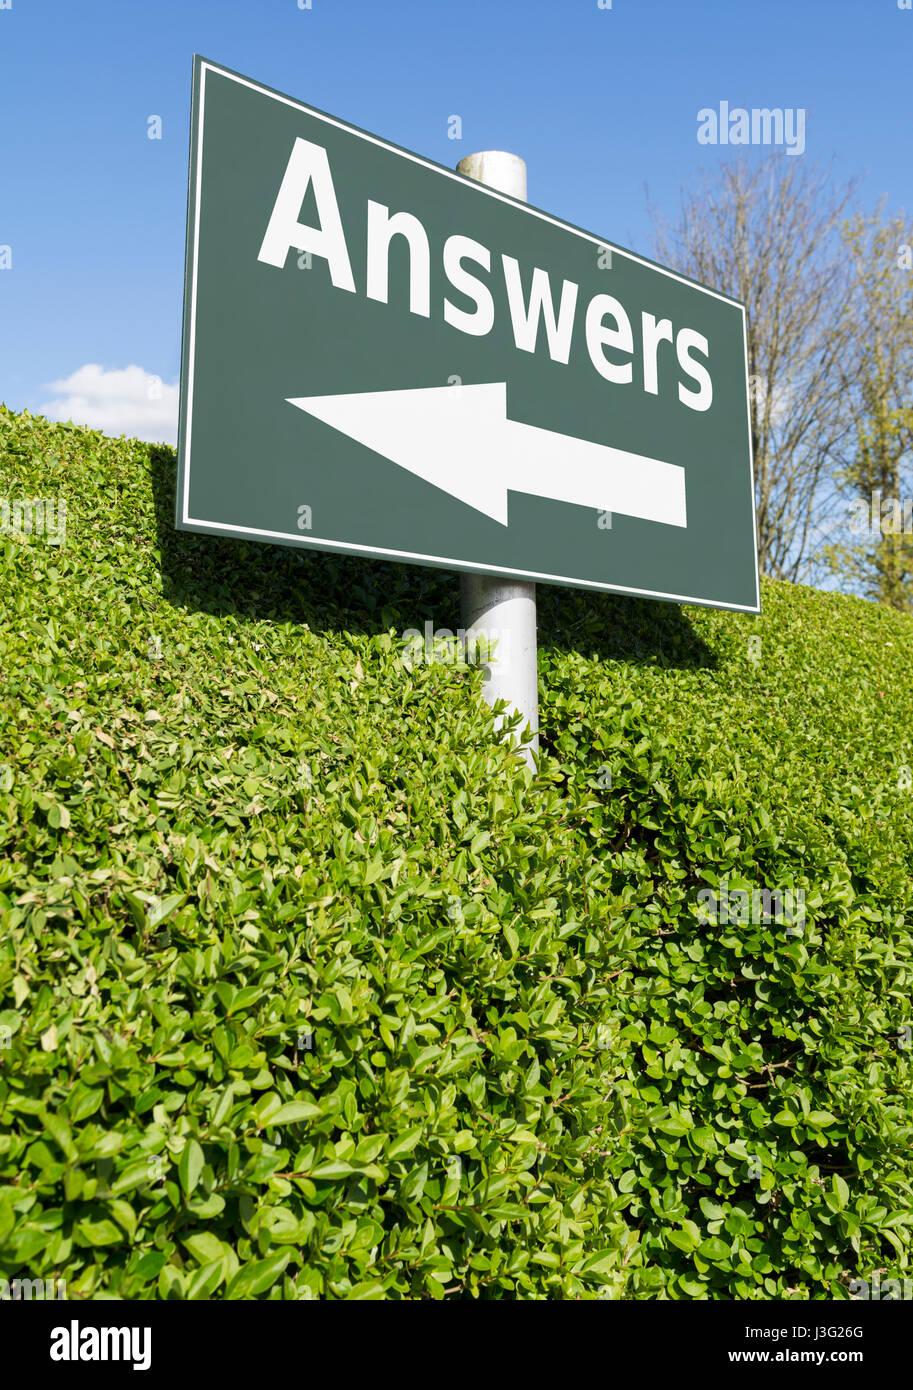 Antworten-Konzept. Antworten auf einen Beitrag melden. Stockbild